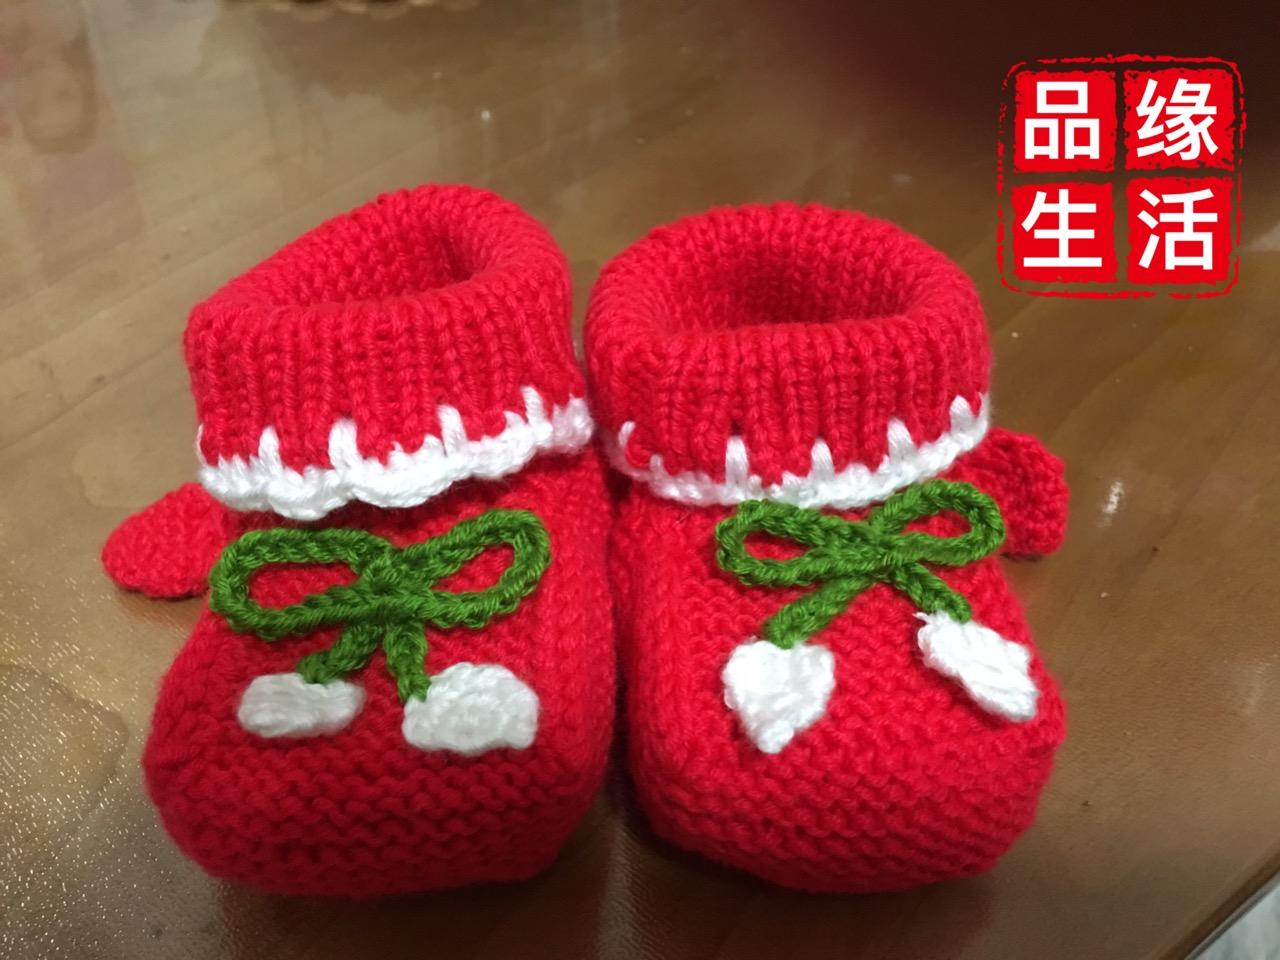 Детская обувь на младенца башмак красный Сапоги чистые ручная работа вязанные GZBH5